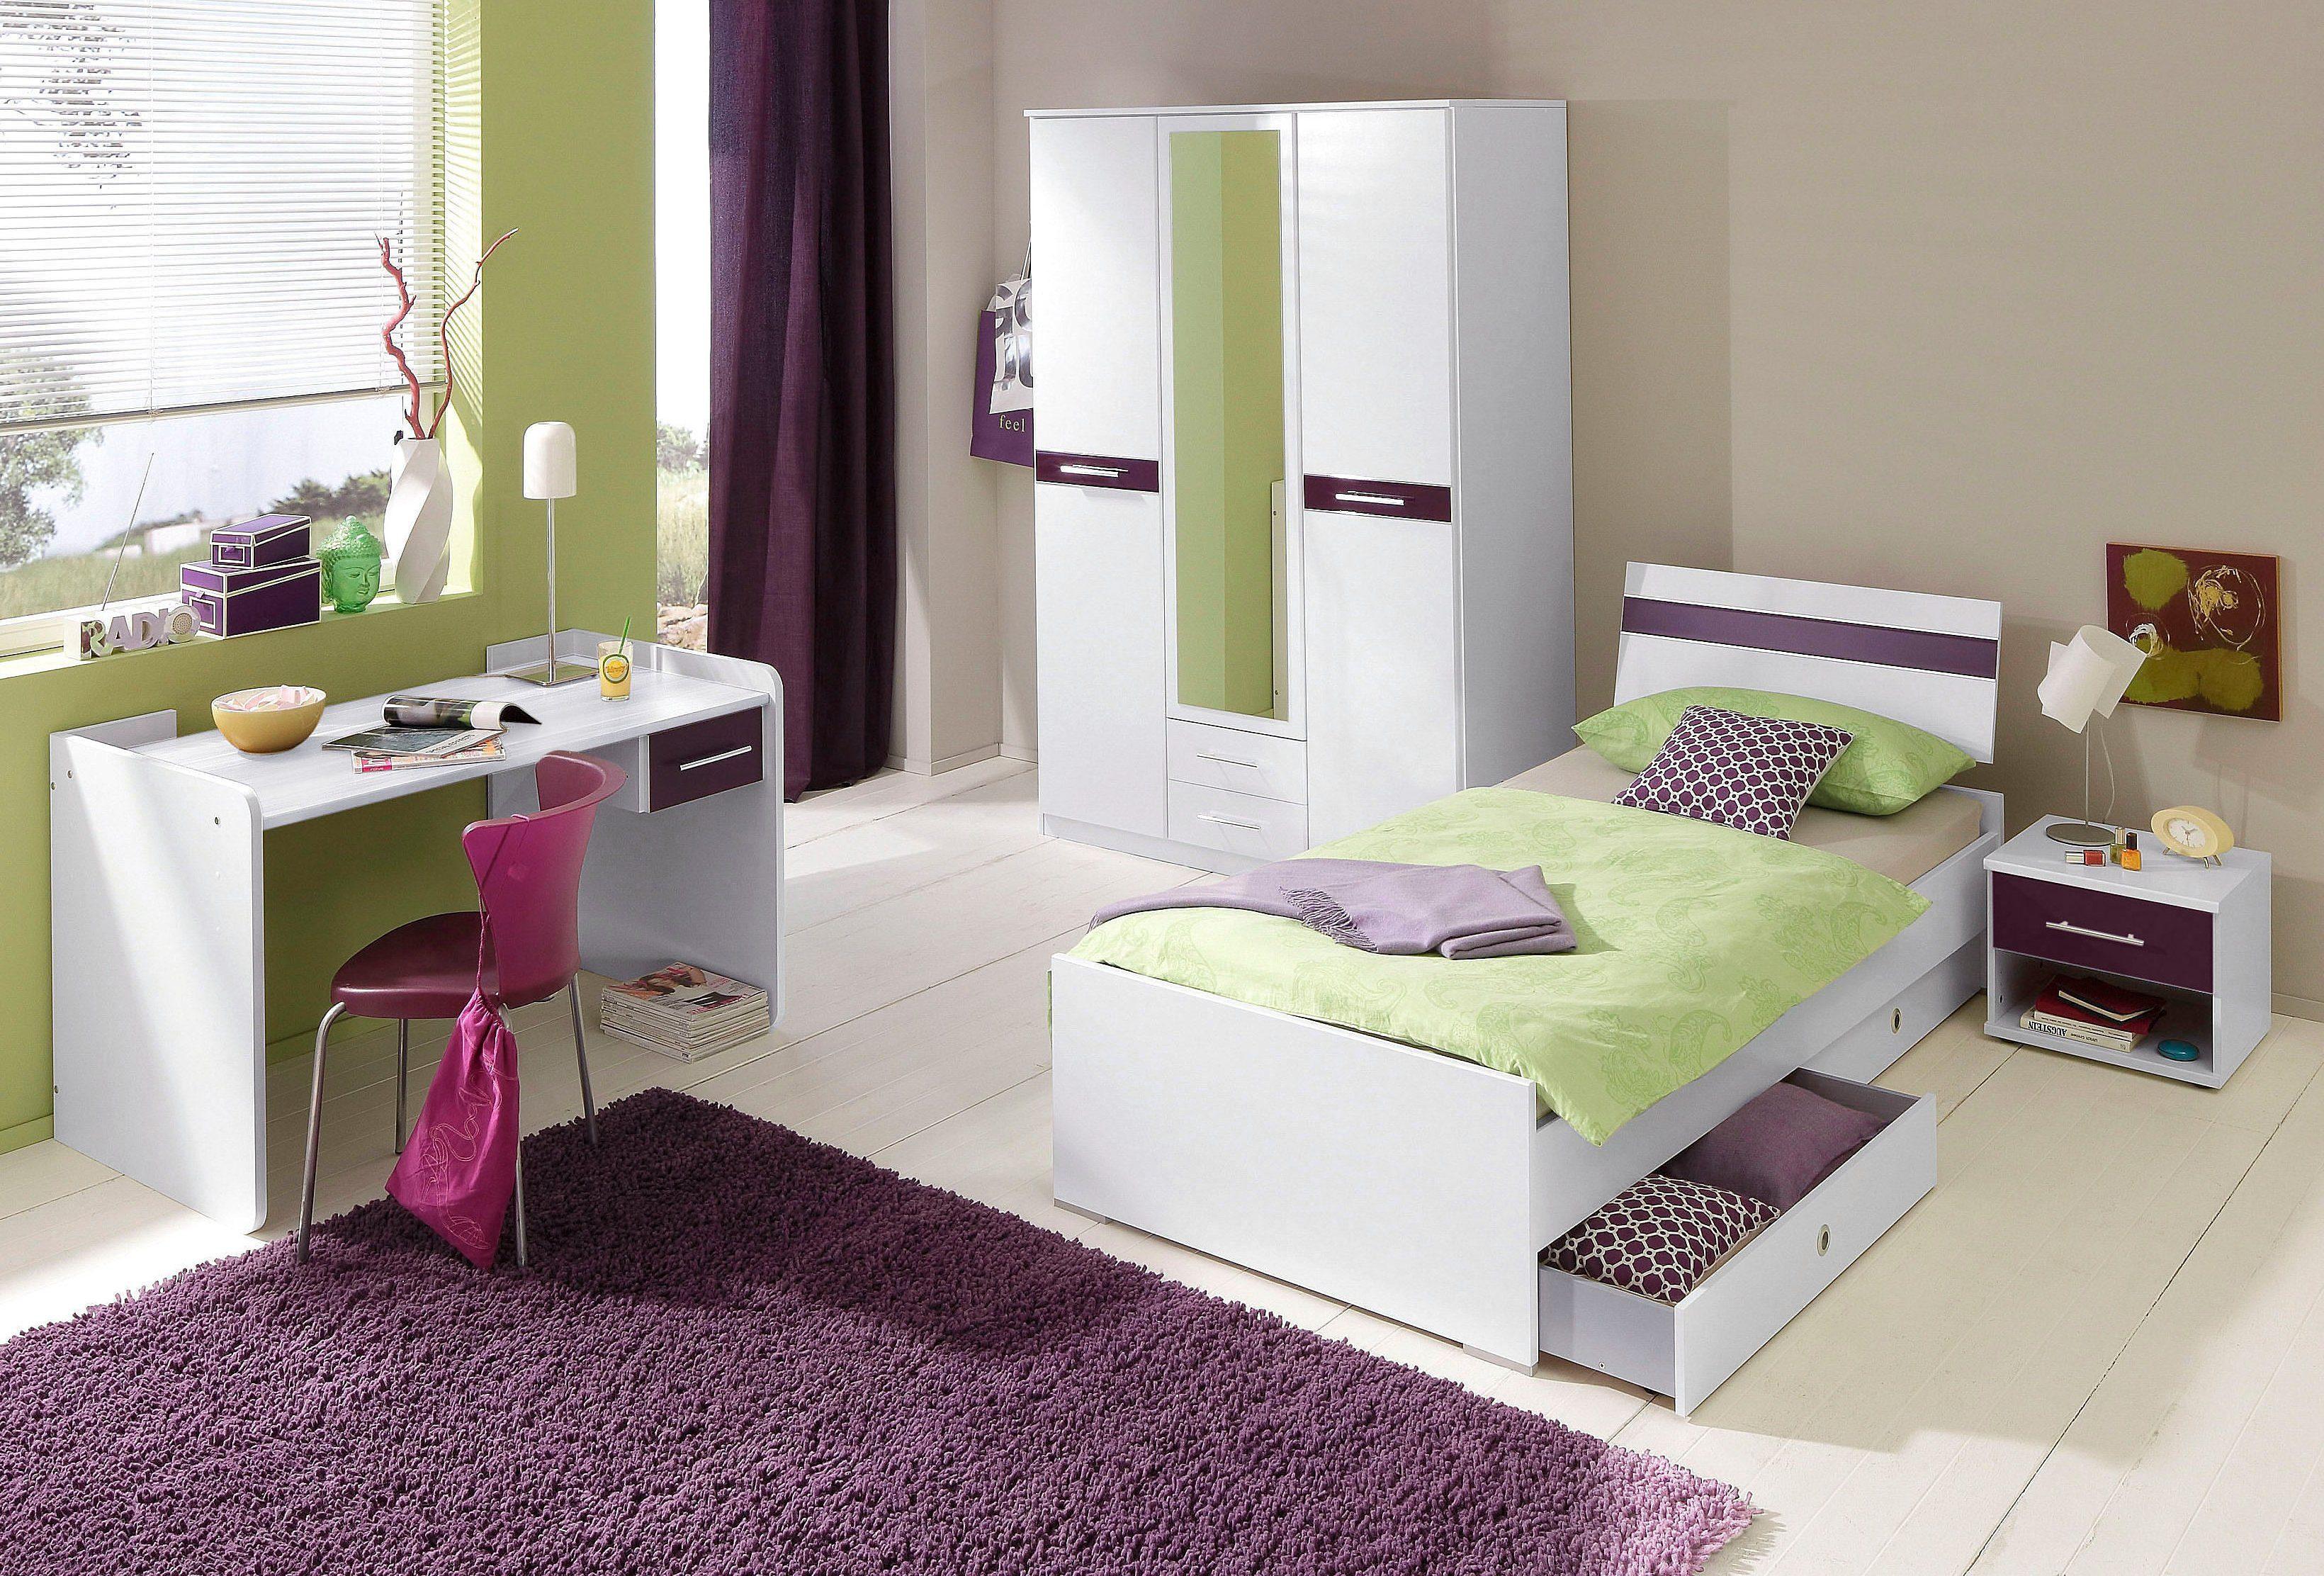 Kühlschrank Jugendzimmer : Jugendzimmer ahorn weiß preisvergleich u die besten angebote